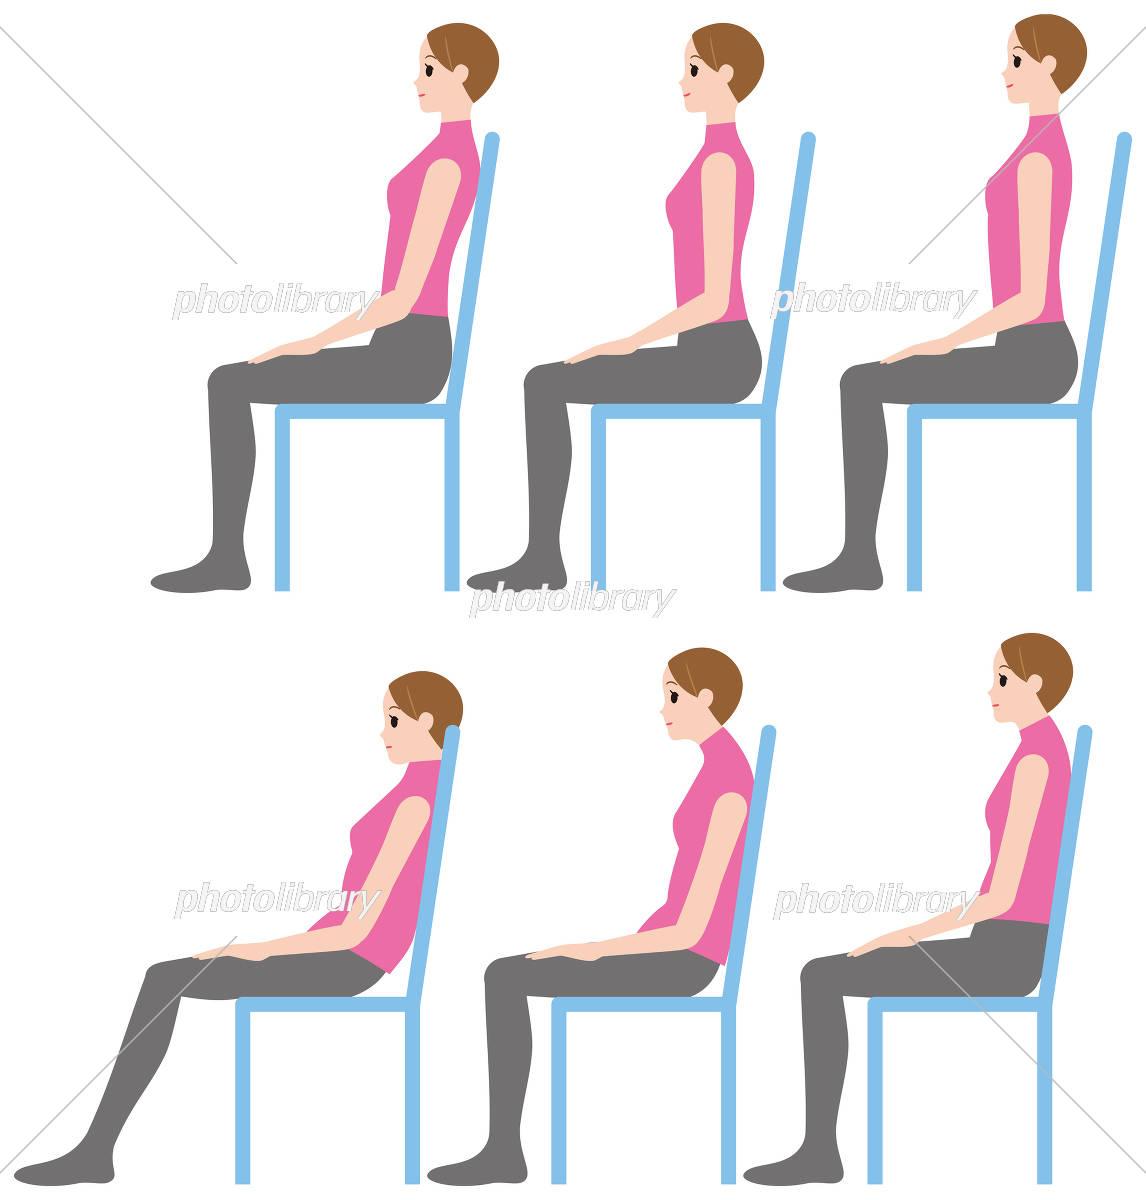 「坐る姿勢」の画像検索結果